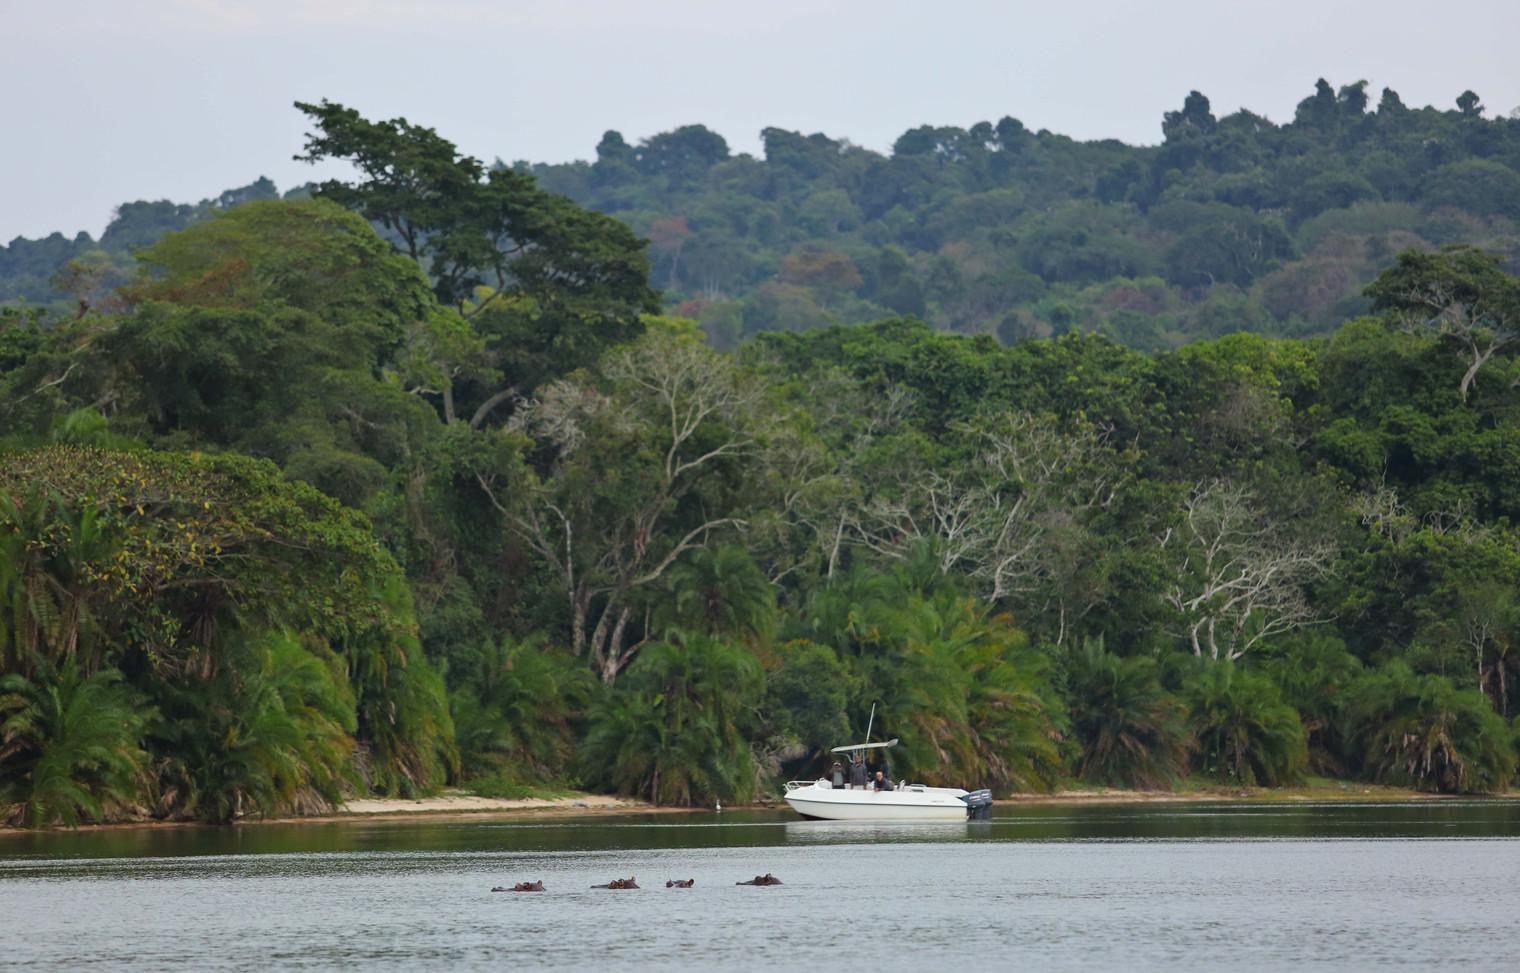 Hippo Spotting from the Boat Rubondo Chimp Island Tanzania